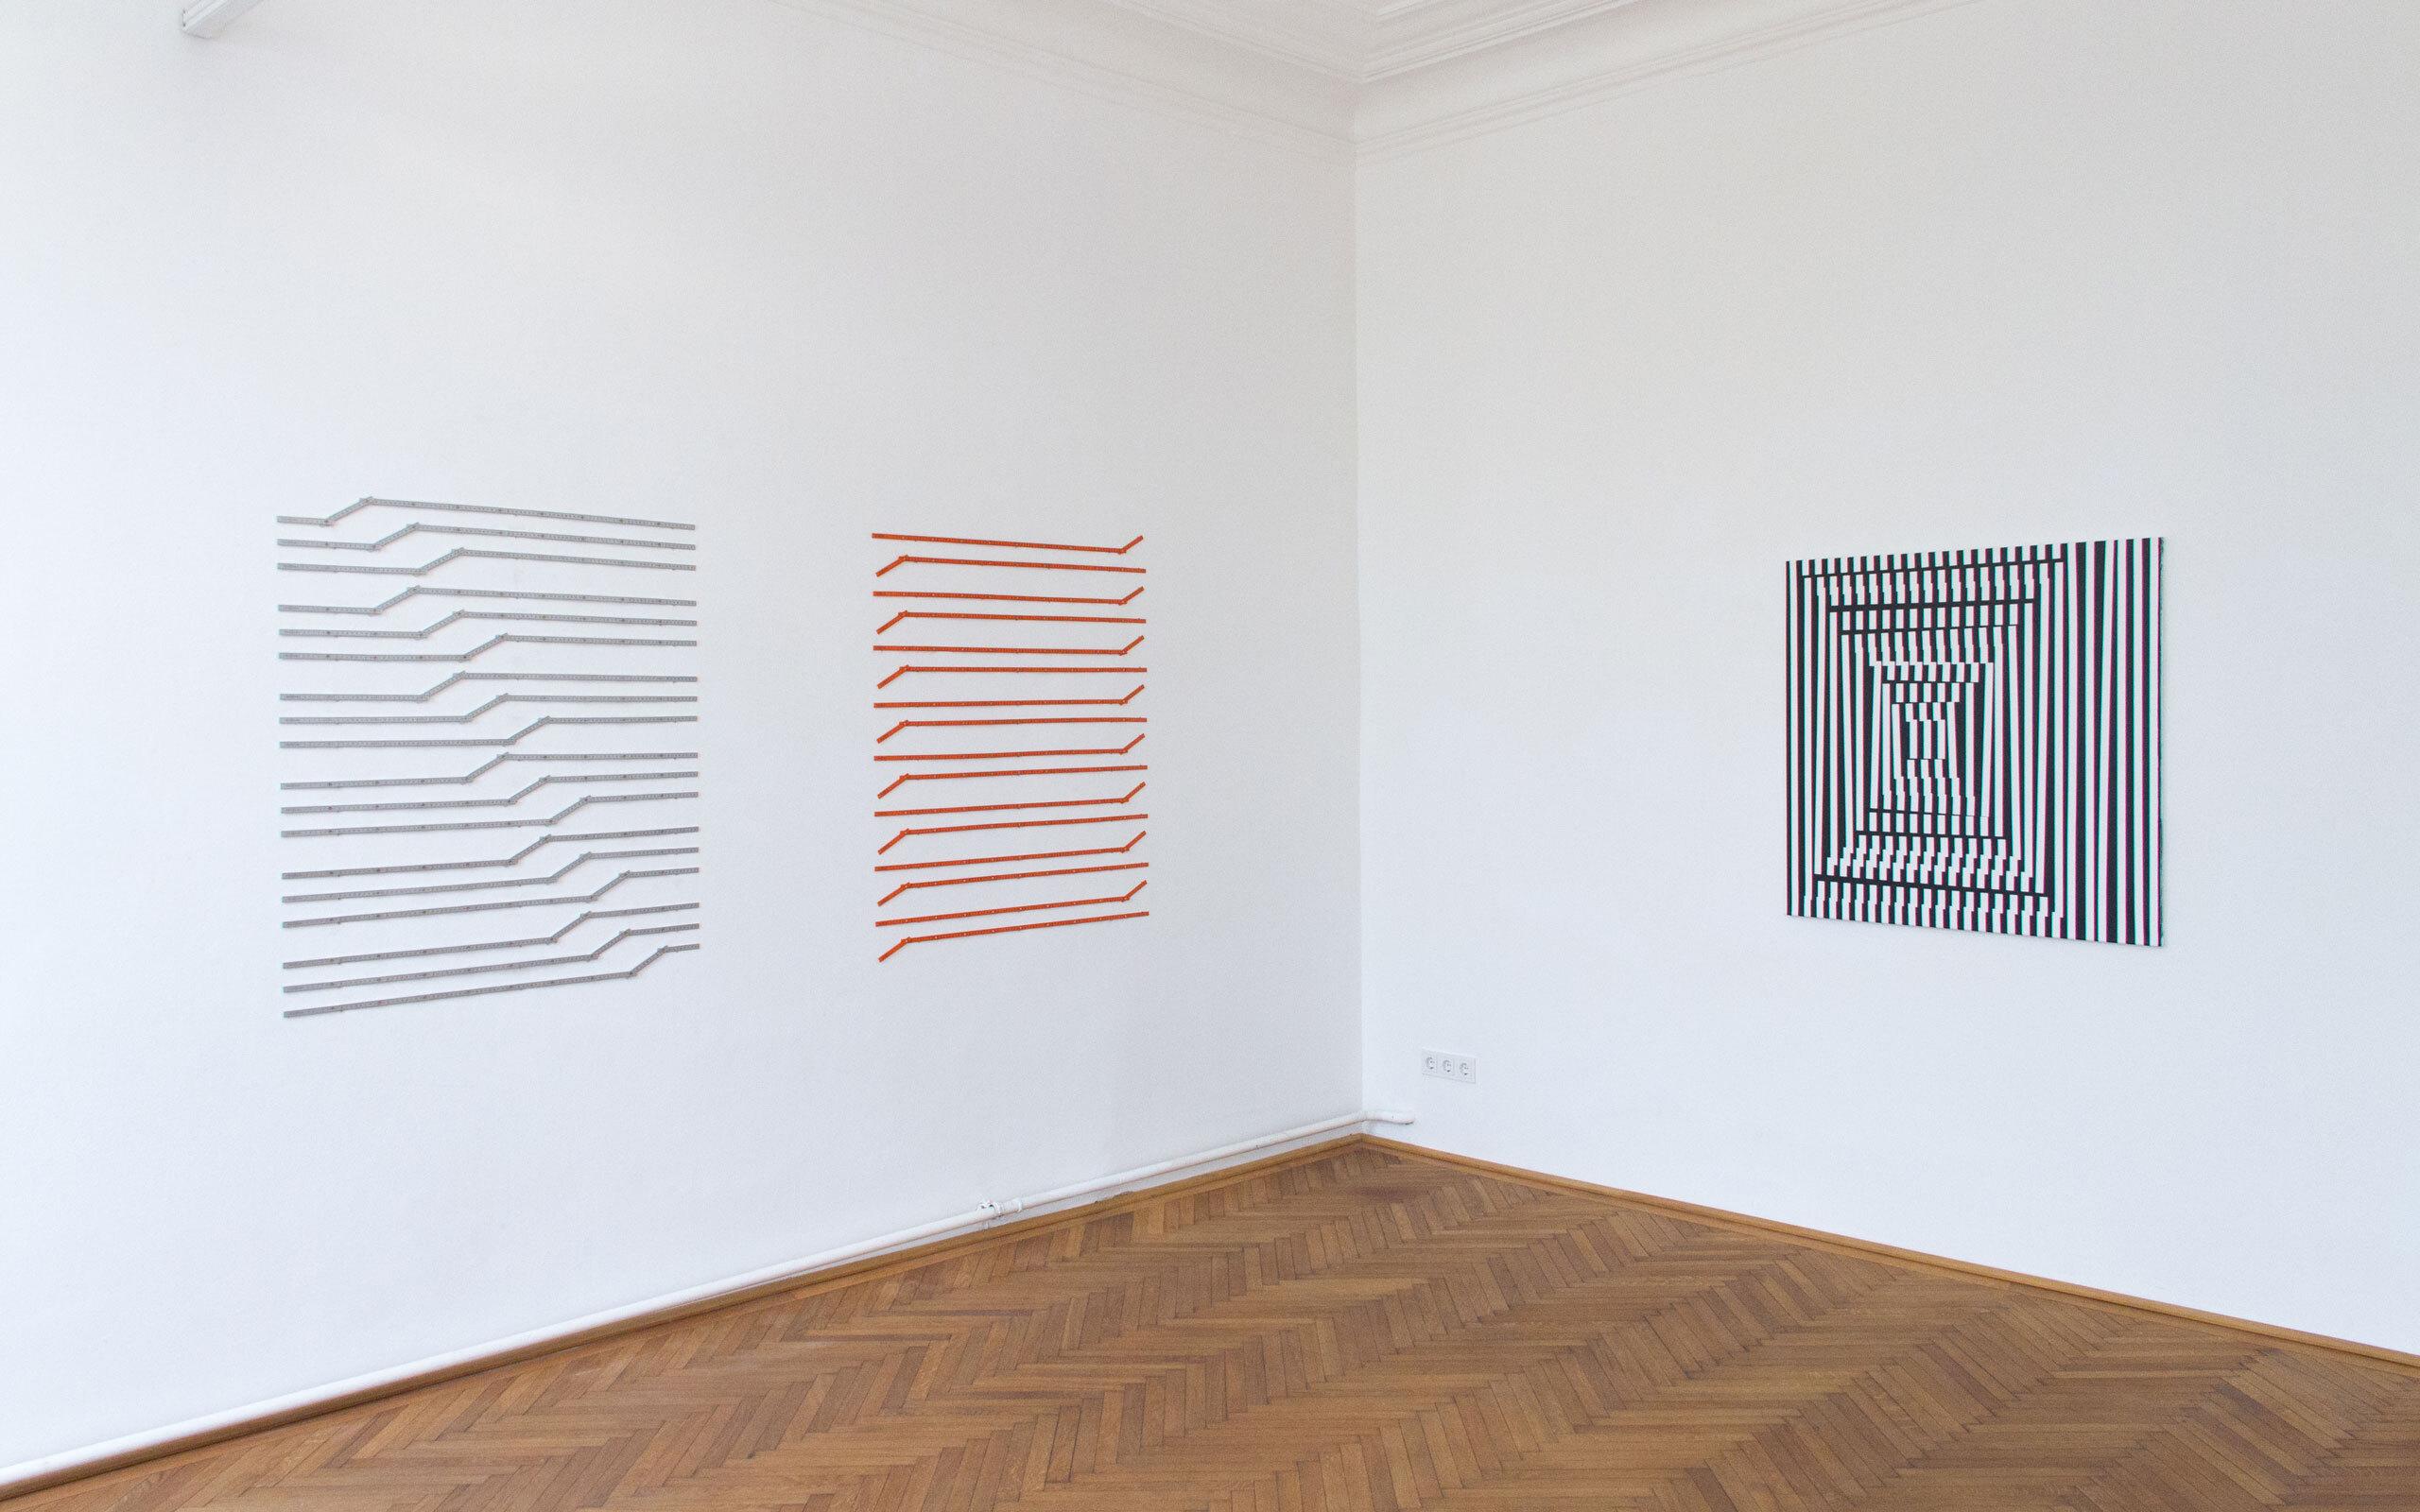 14 e stocker j dahlgren rules of abstraction fjk3